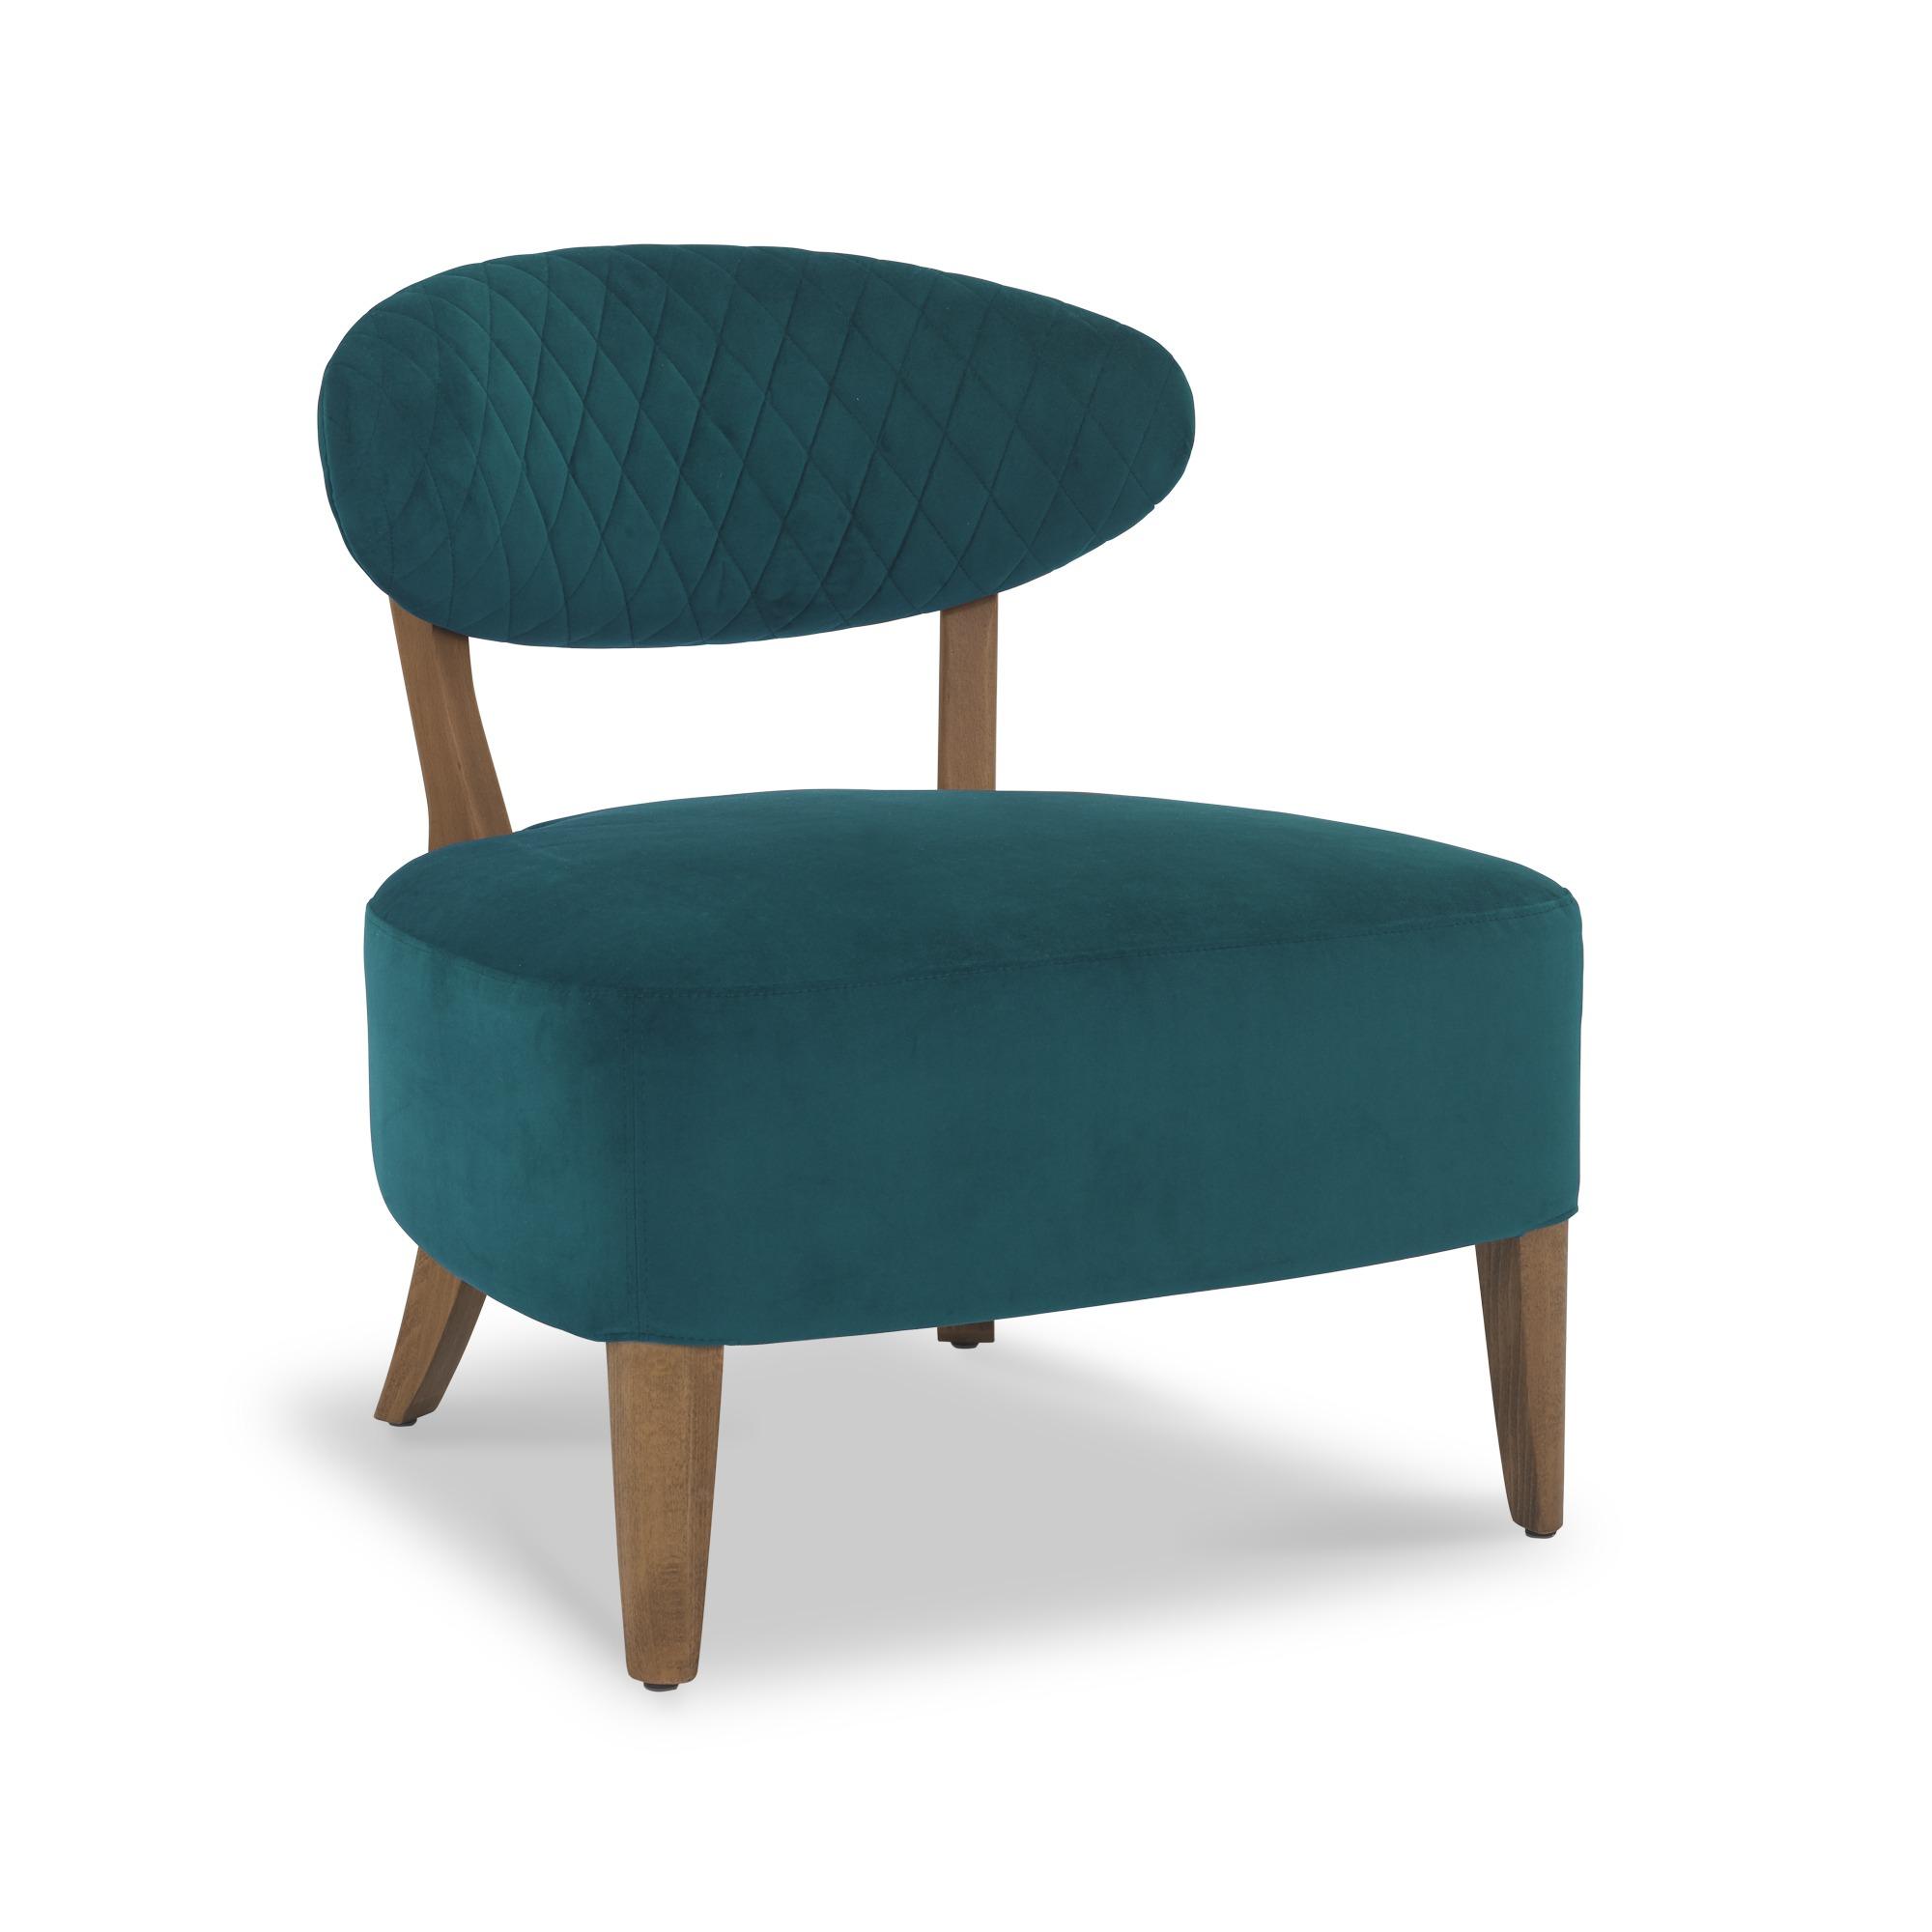 Sheraton Regal Green velvet lounge chair